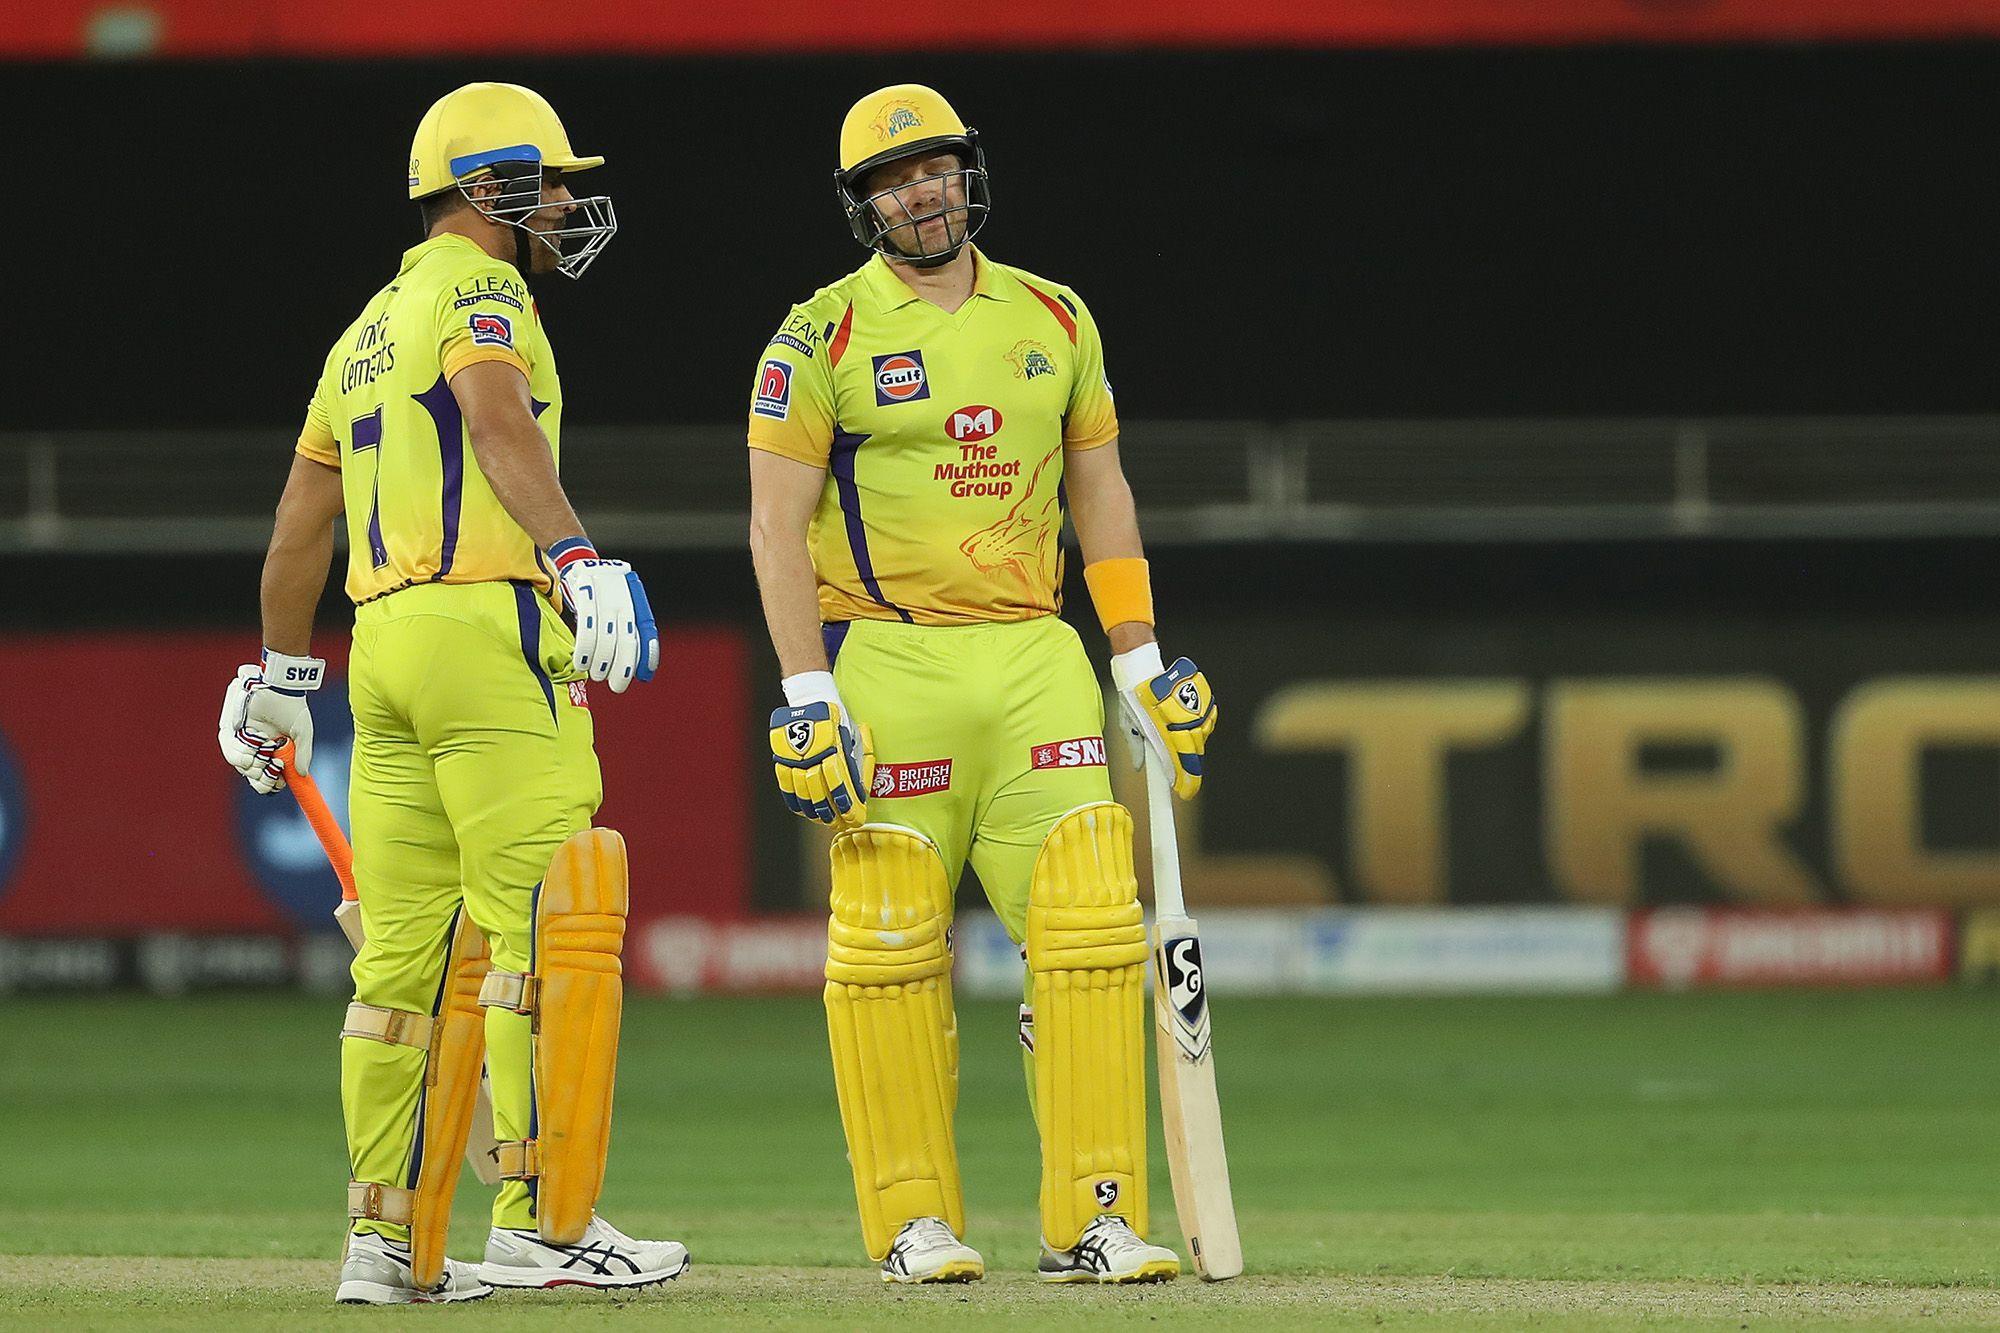 आईपीएल : हैदराबादलाई हराउँदै चेन्नईकाे तेस्राे जित